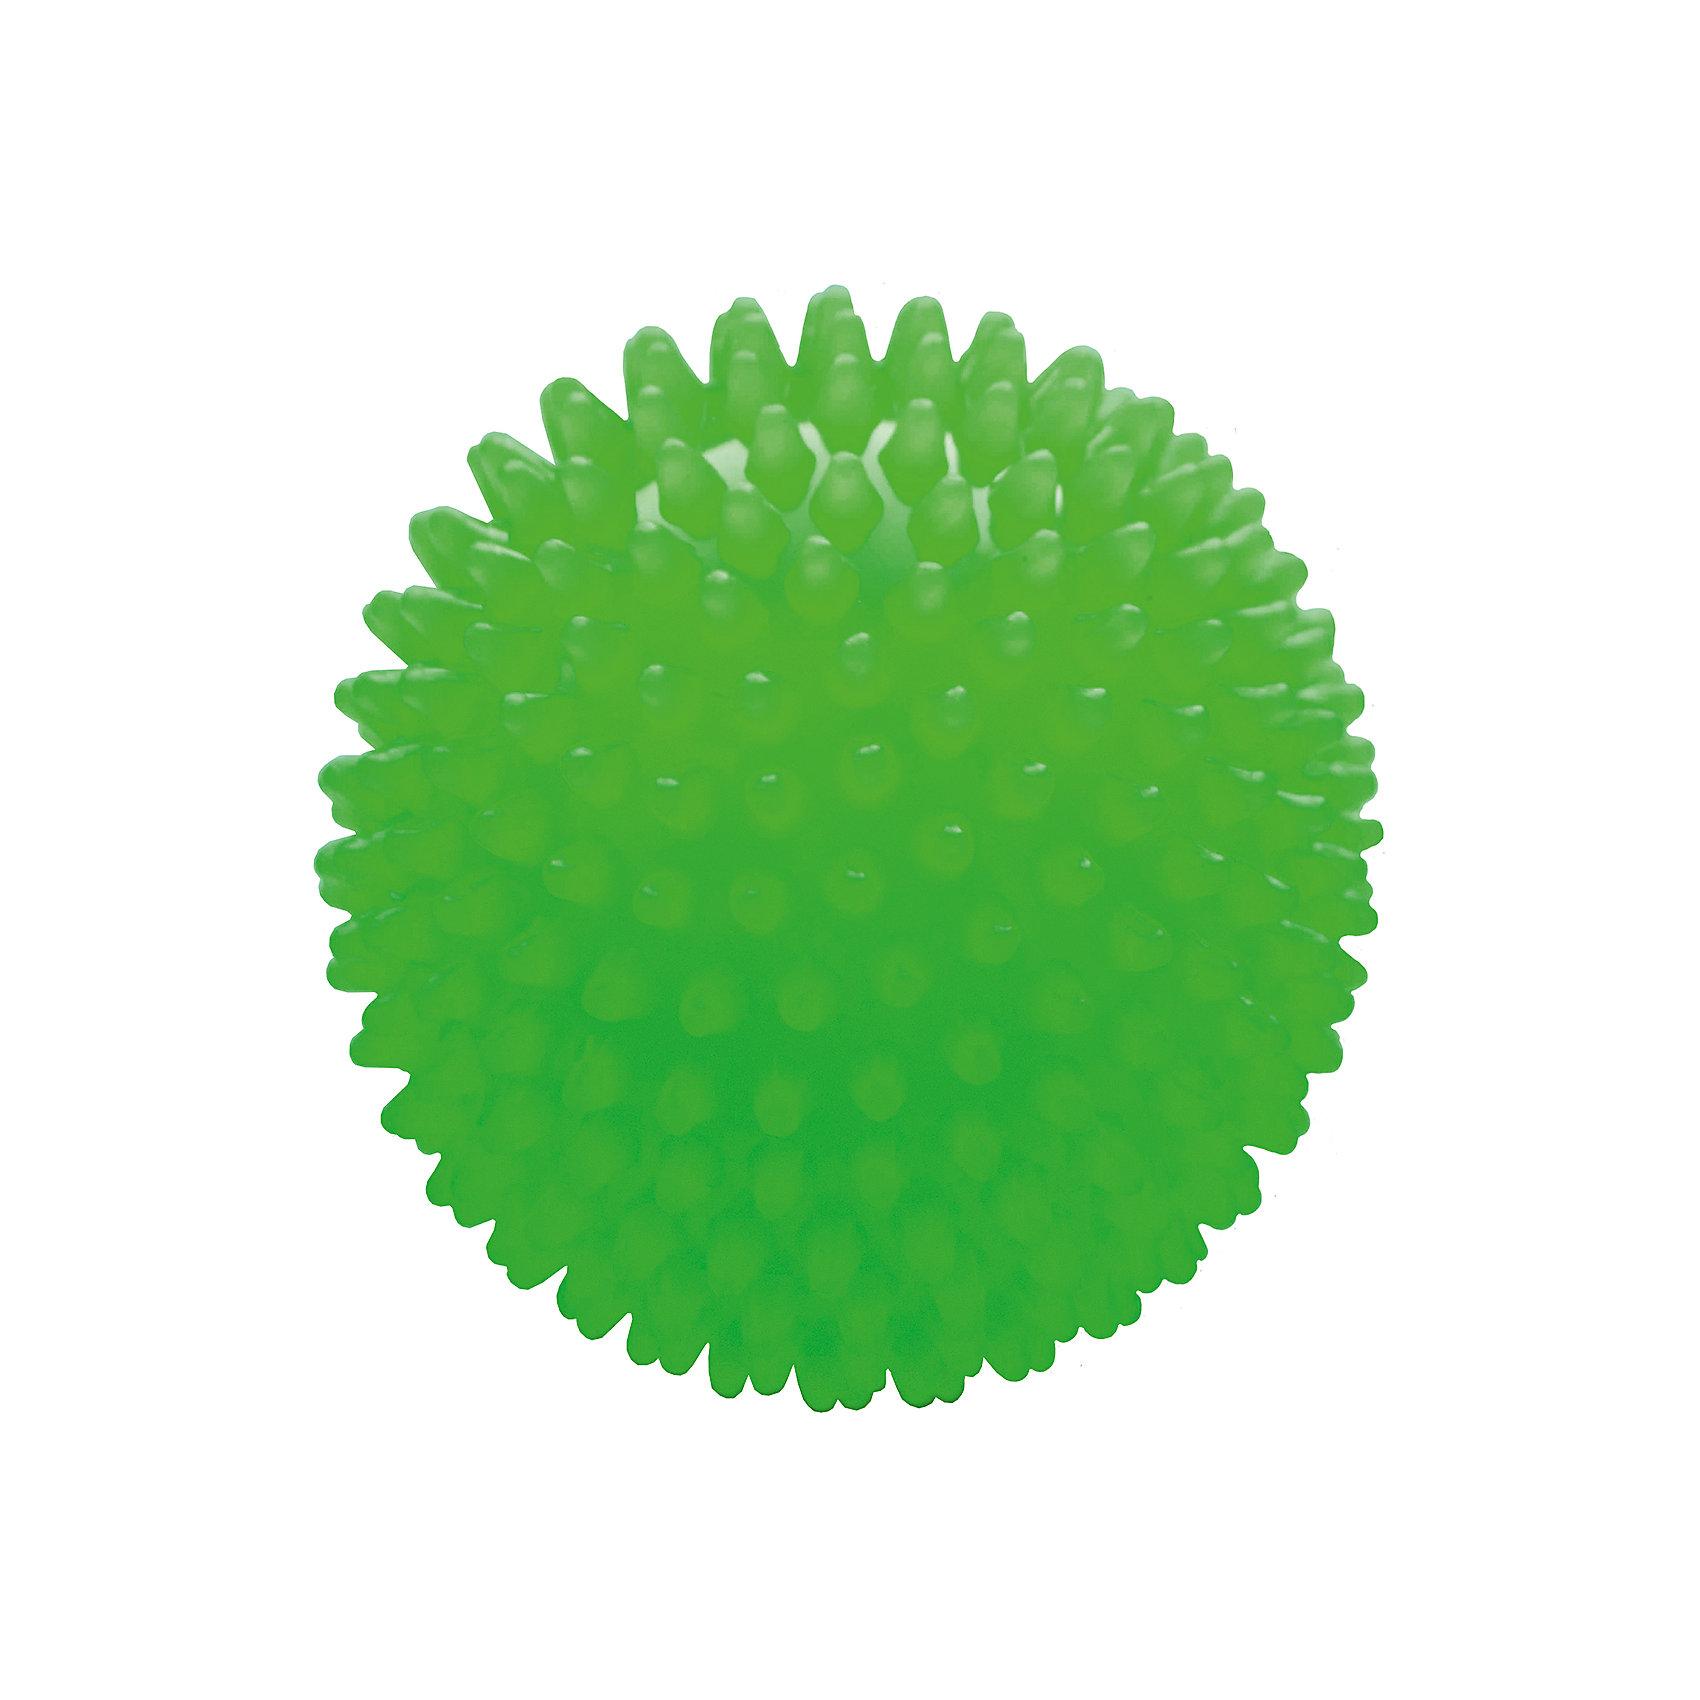 Мяч ёжик зеленый люминесцентный, 8,5 см, МалышОКМячи детские<br><br><br>Ширина мм: 90<br>Глубина мм: 90<br>Высота мм: 90<br>Вес г: 60<br>Возраст от месяцев: 6<br>Возраст до месяцев: 2147483647<br>Пол: Унисекс<br>Возраст: Детский<br>SKU: 6894020